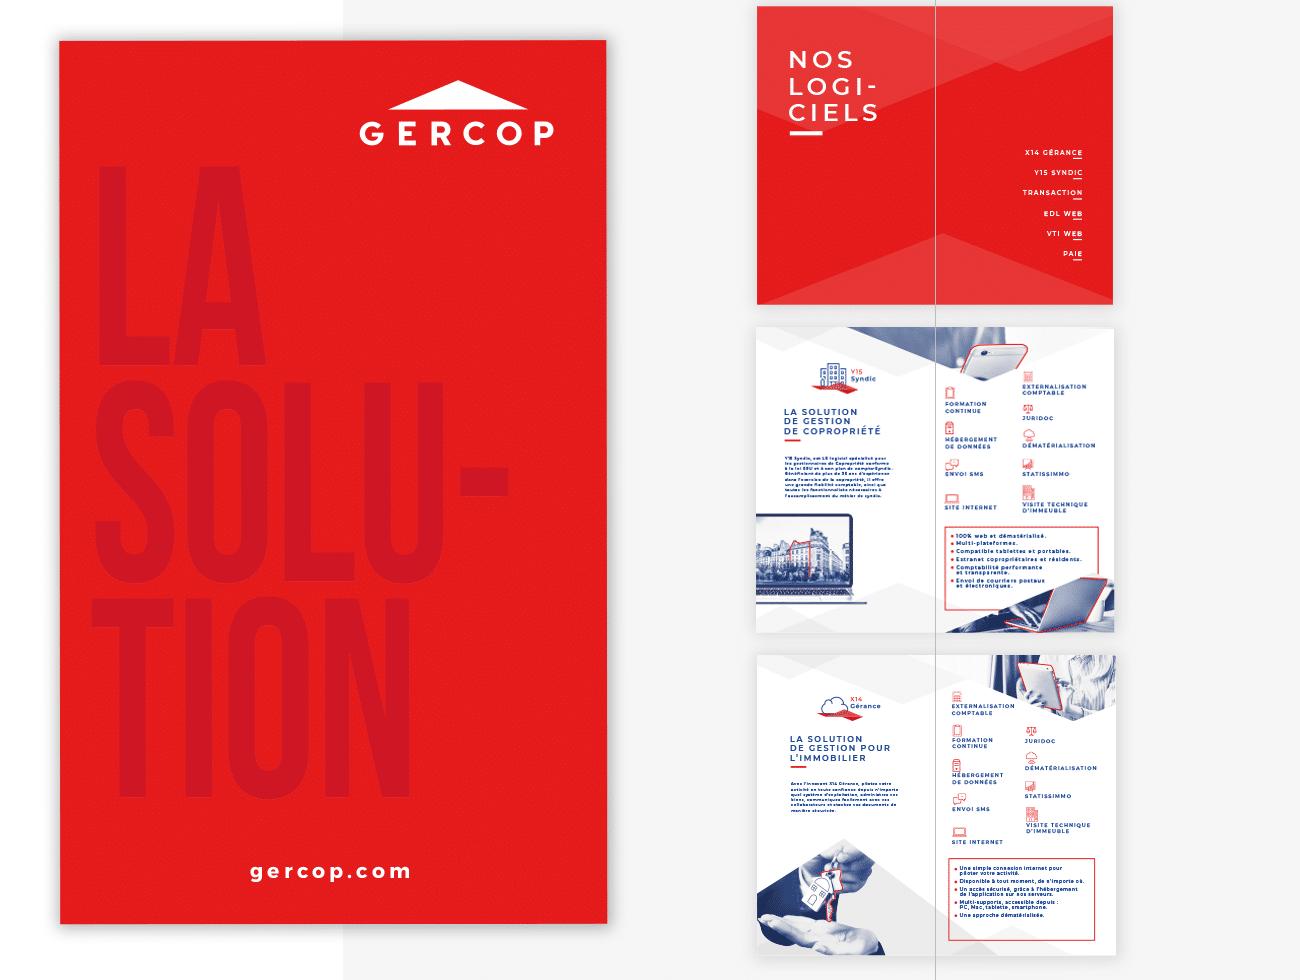 GERCOP-SMAC-Plaquette-Catalogue-Communication